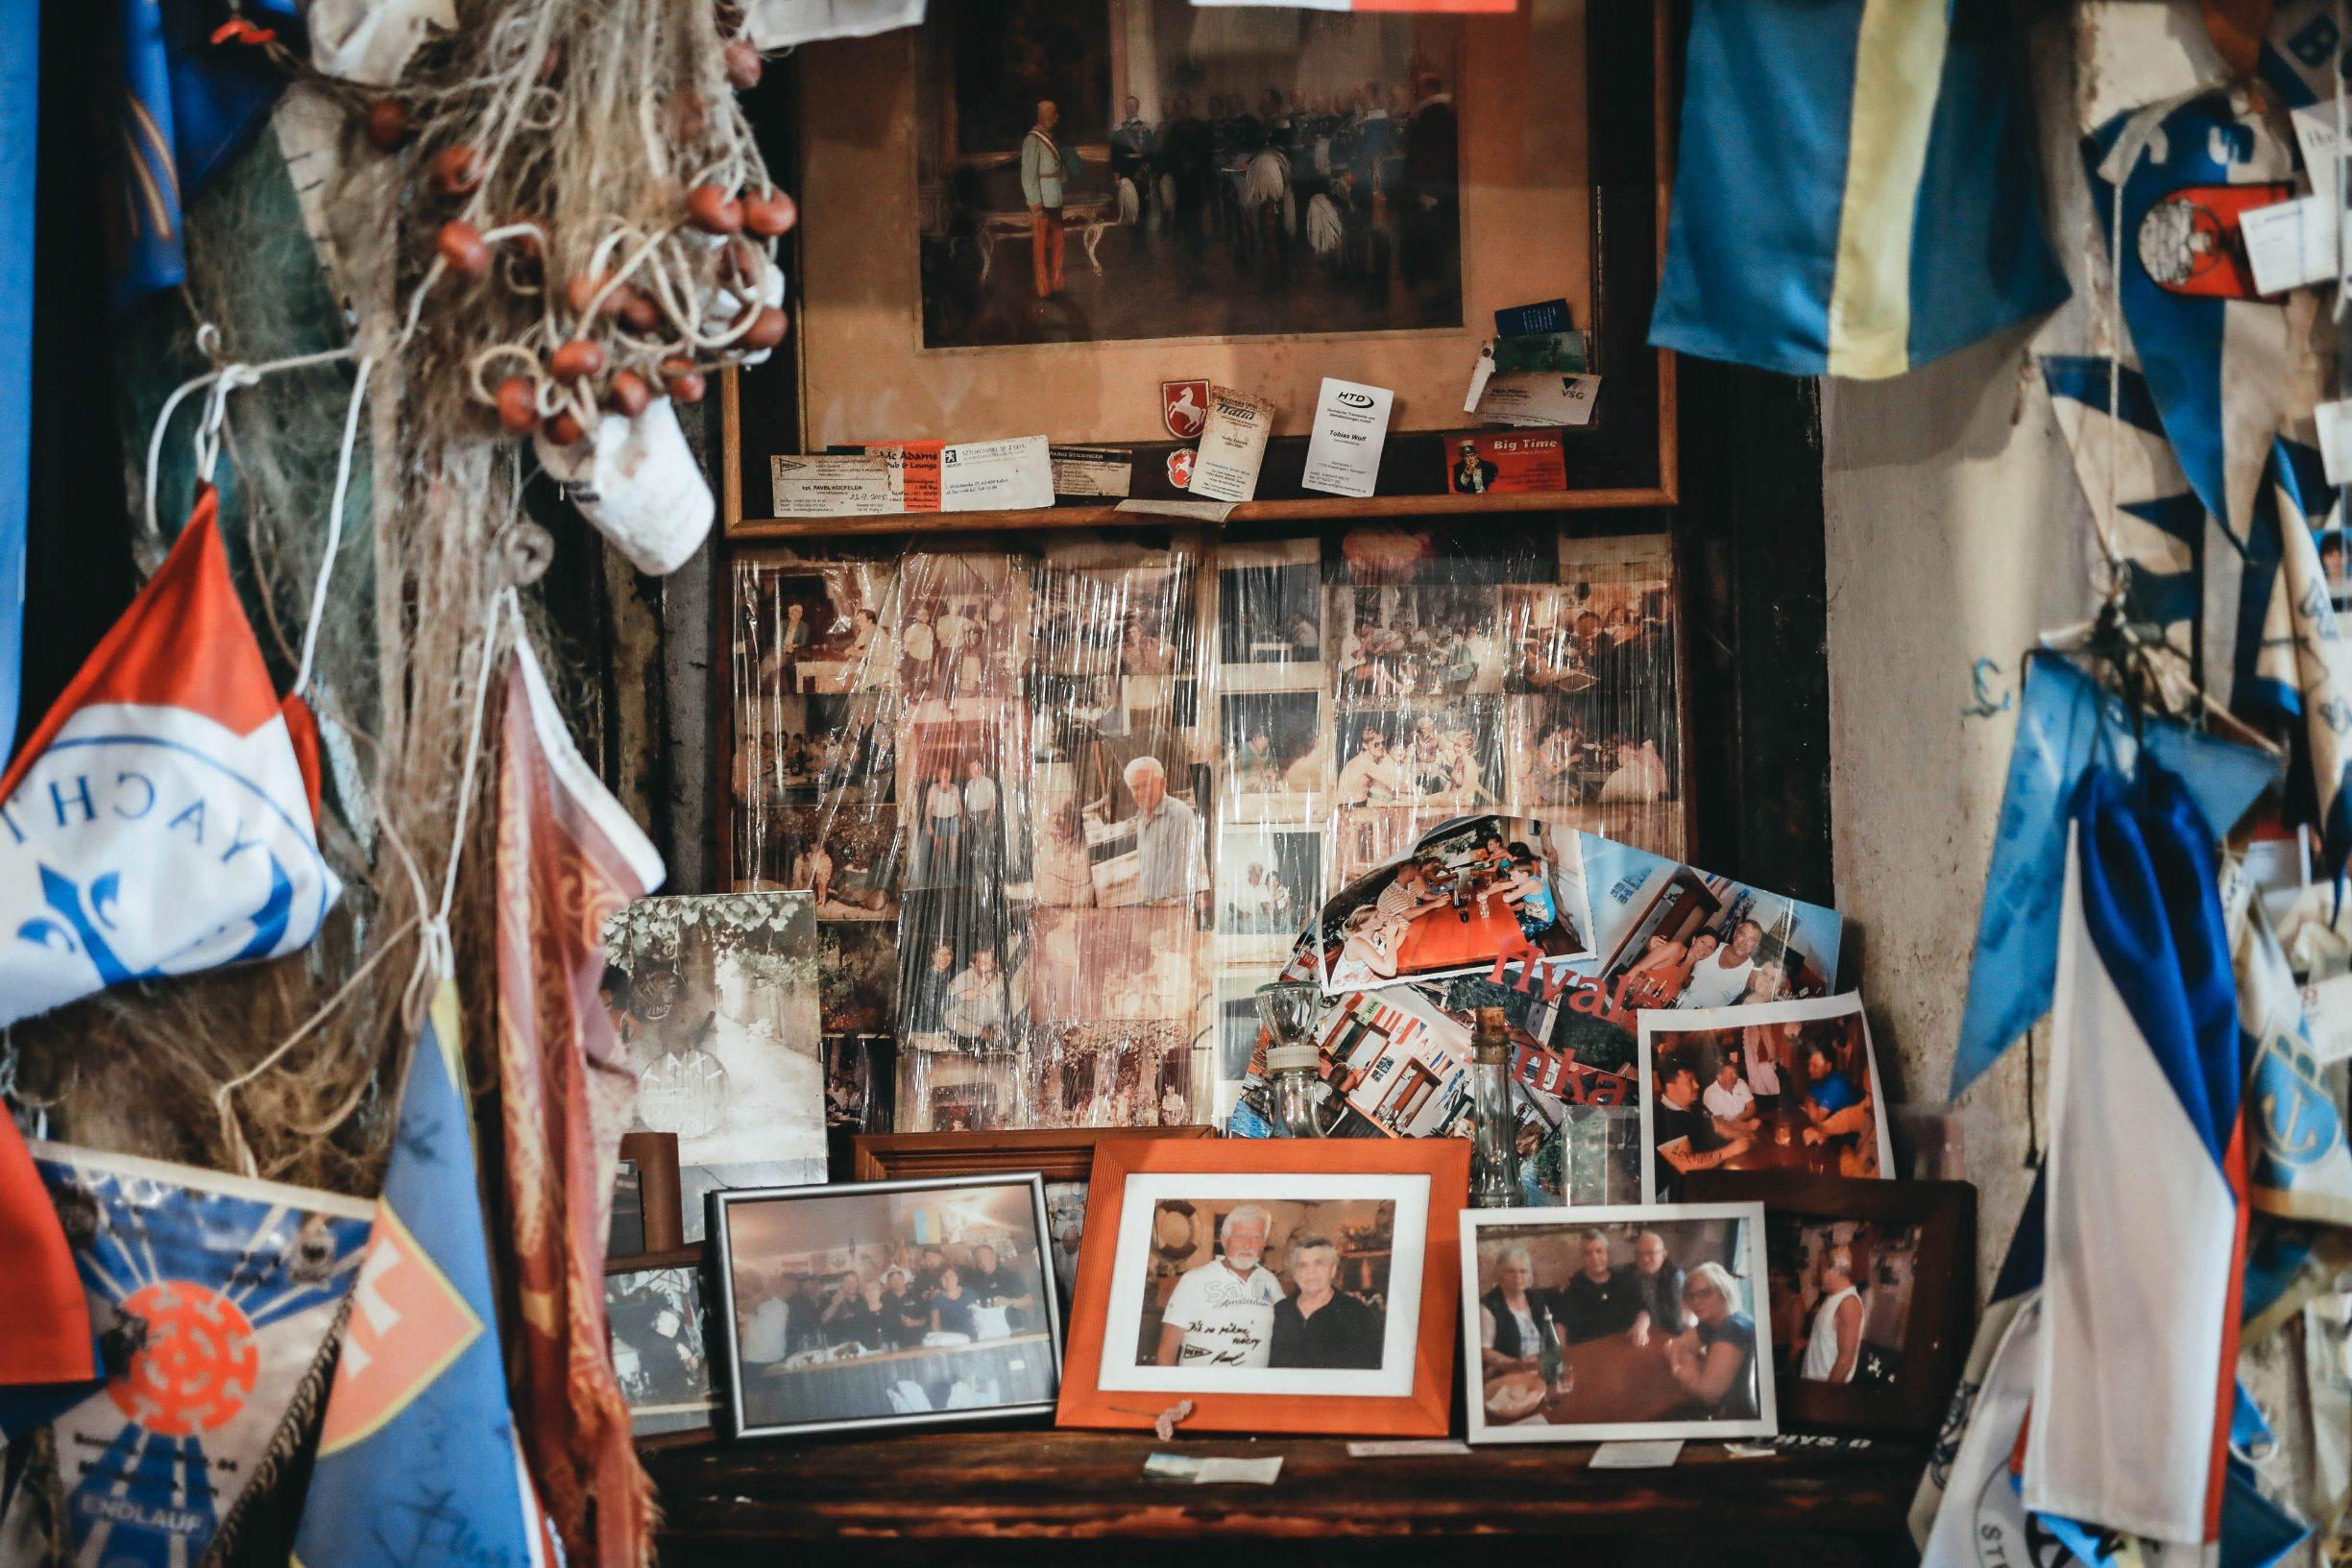 Skradin, 300719. Konoba Mate najstarija konoba u Hrvatskoj koja nije mijenjala svoj izgled od 1958 godine u kojoj se proizvodi i posluzuje samo rakija,vino,prsut,sir i masline. Na fotografiji konoai Mate. Foto: Danijel Soldo / CROPIX